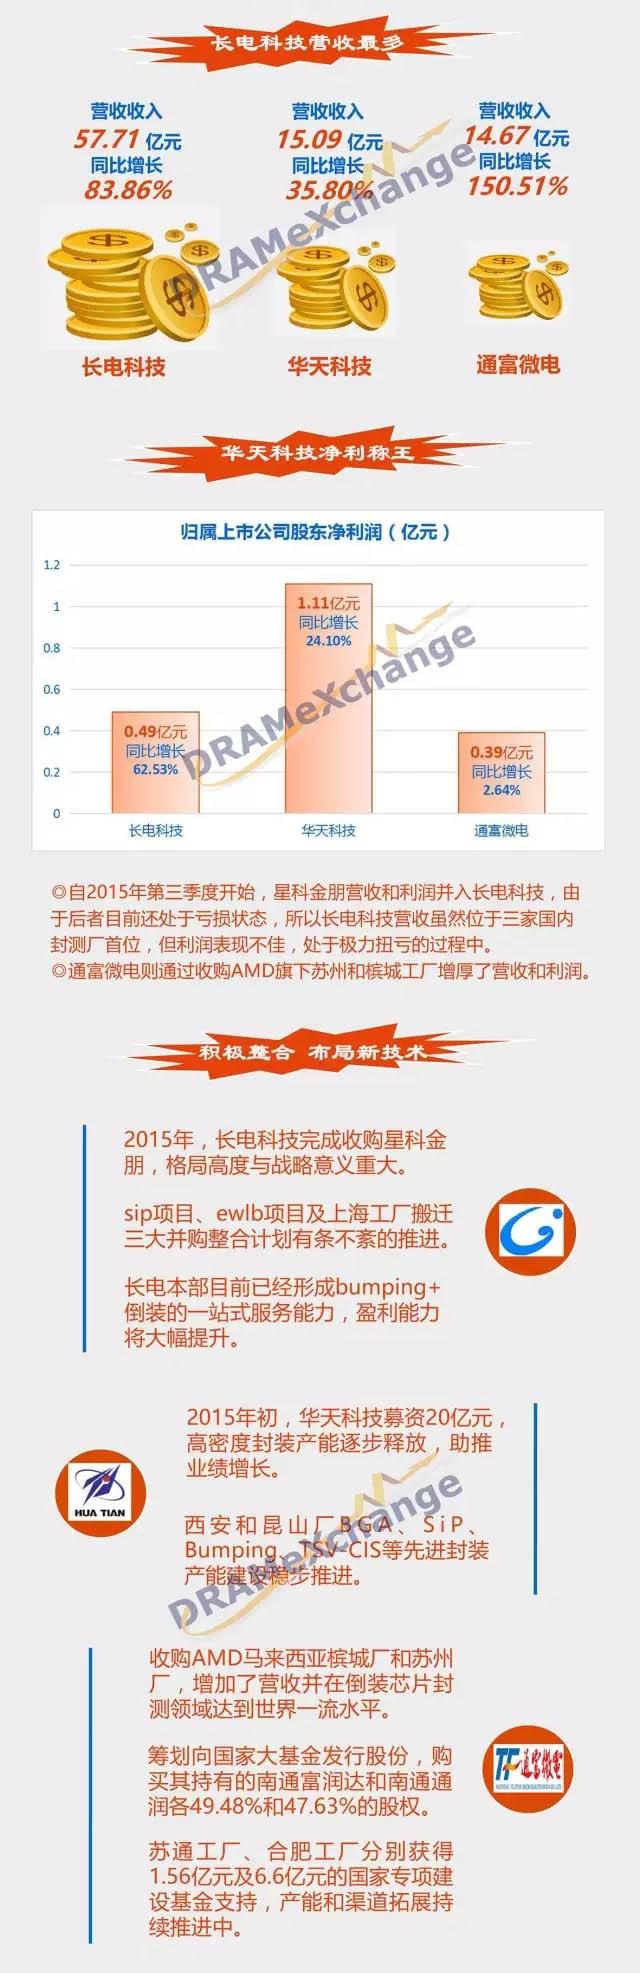 国内三大封测厂Q3财报分析:为何长电利润不如华天?